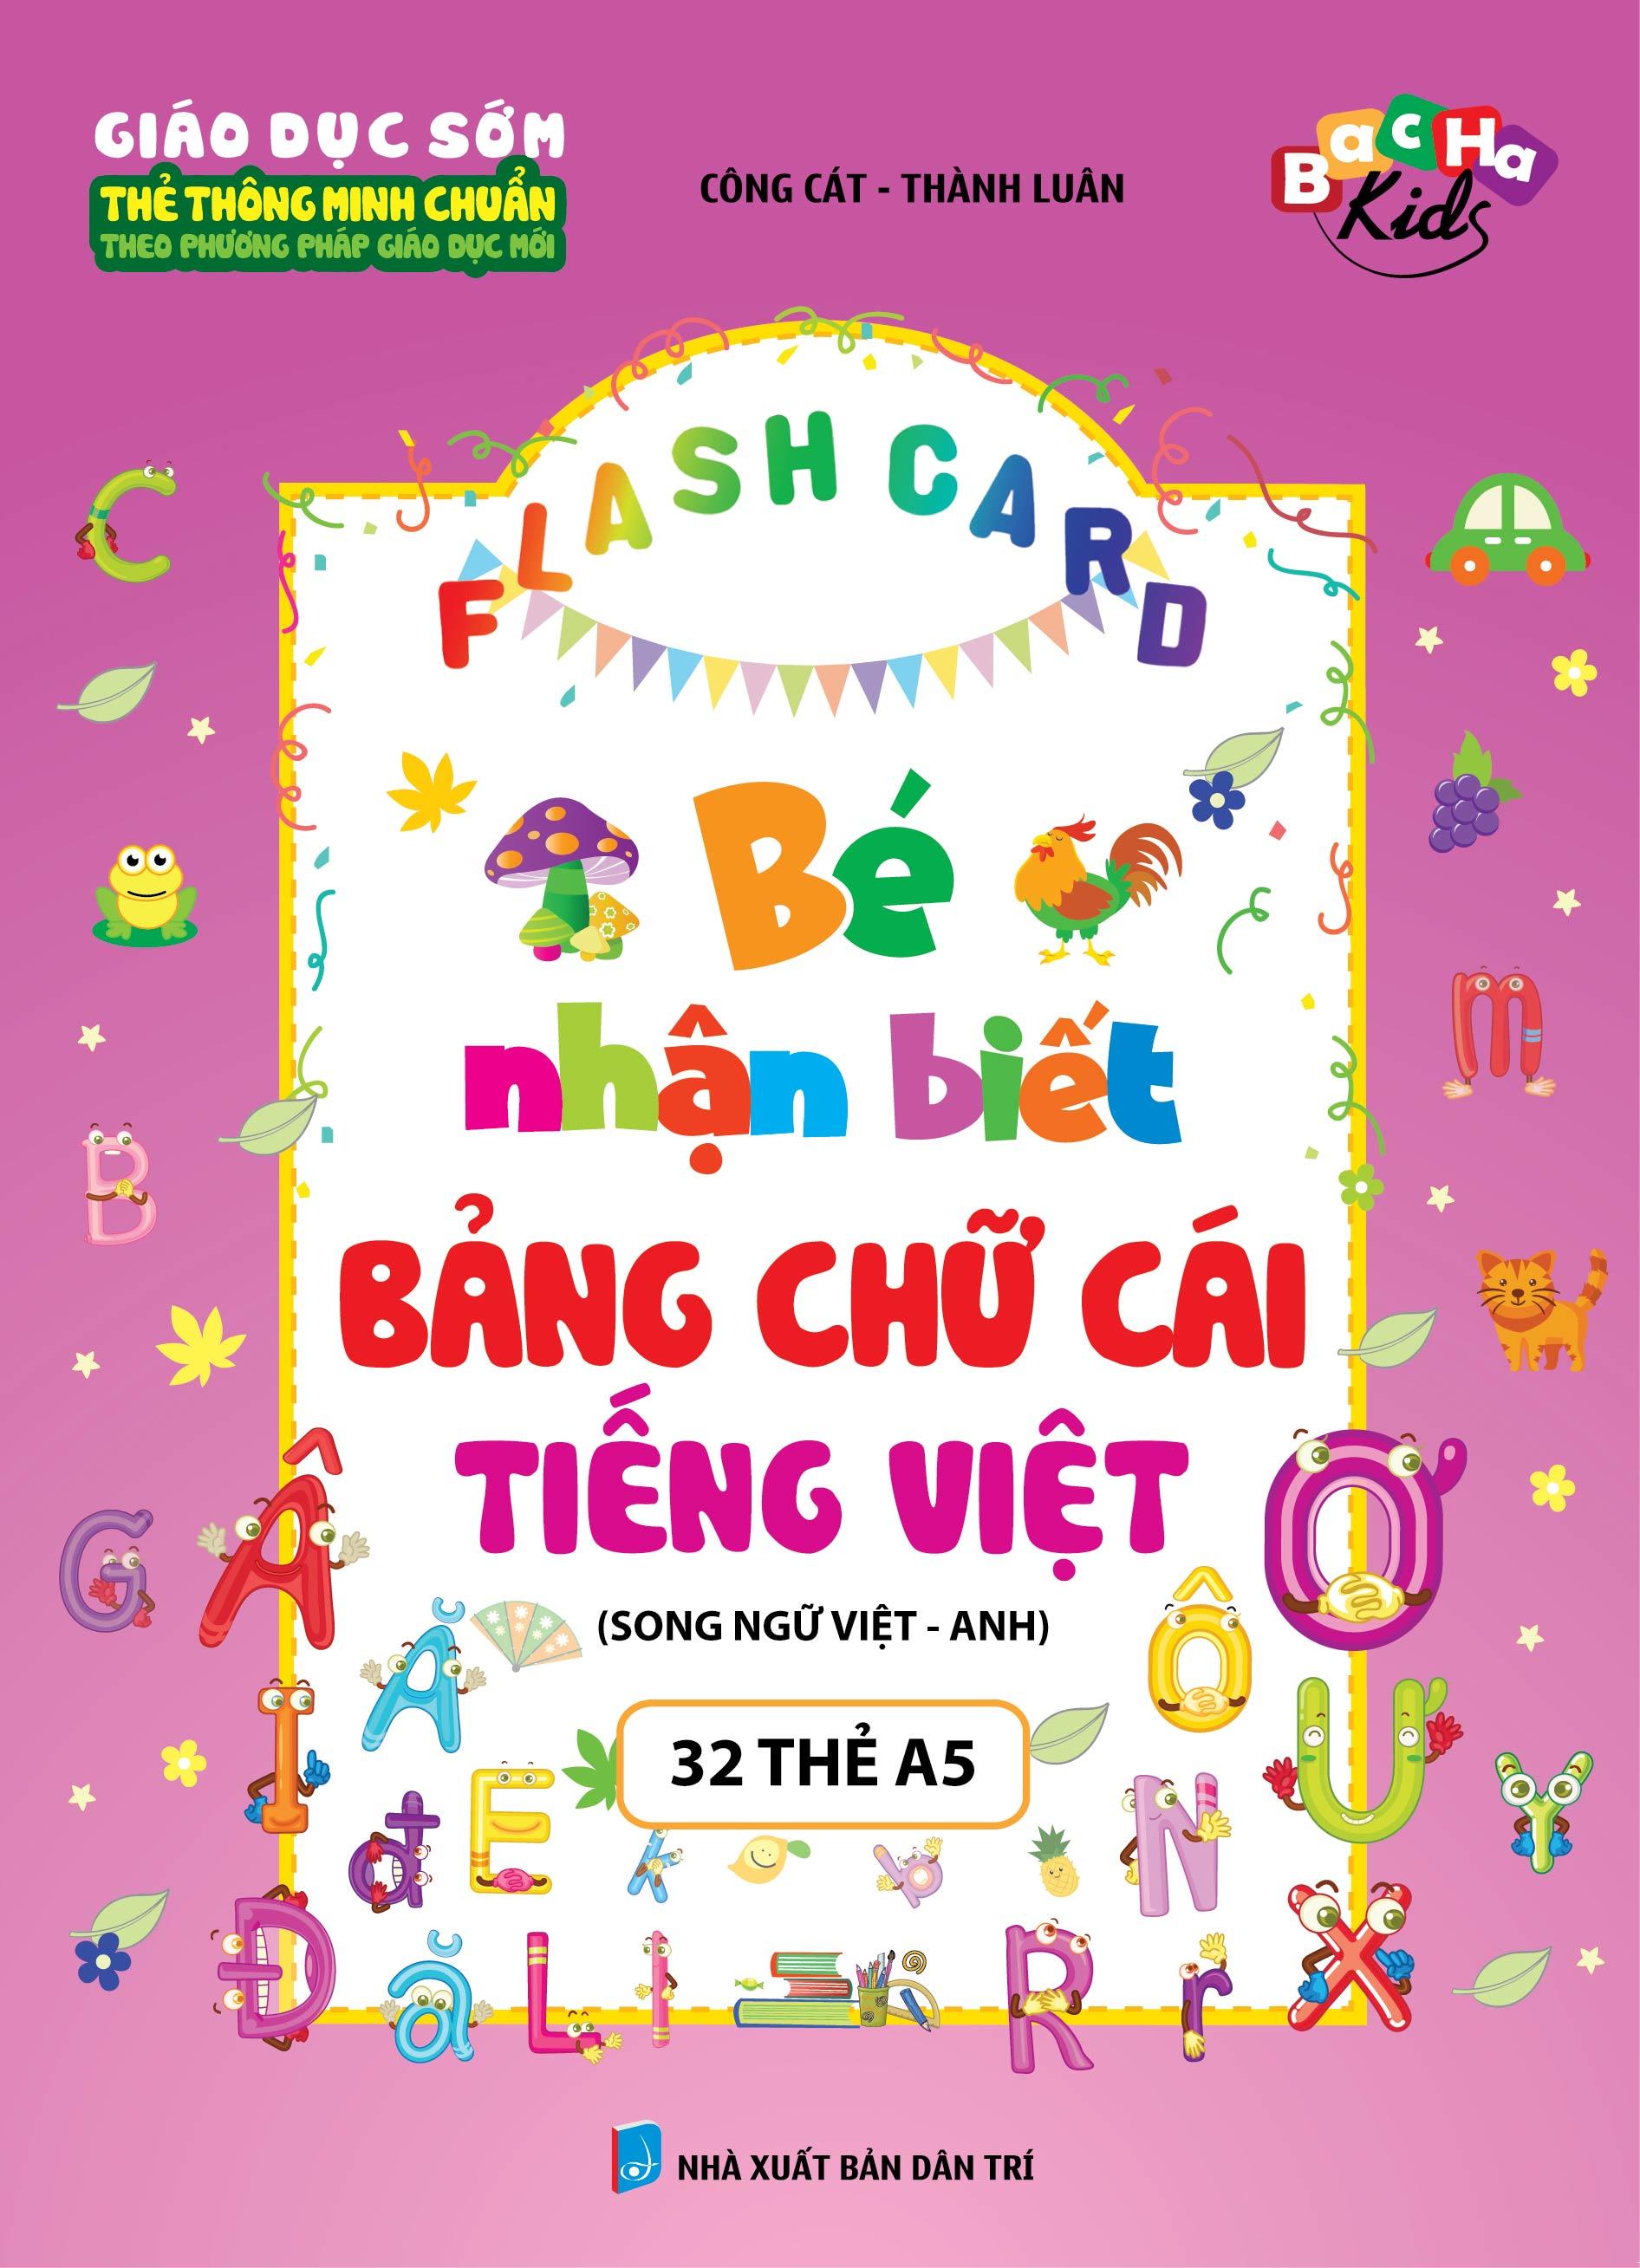 Flashcard Bé Nhận Biết Bảng Chữ Cái Tiếng Việt - 9393570 , 2224343086158 , 62_297026 , 55000 , Flashcard-Be-Nhan-Biet-Bang-Chu-Cai-Tieng-Viet-62_297026 , tiki.vn , Flashcard Bé Nhận Biết Bảng Chữ Cái Tiếng Việt